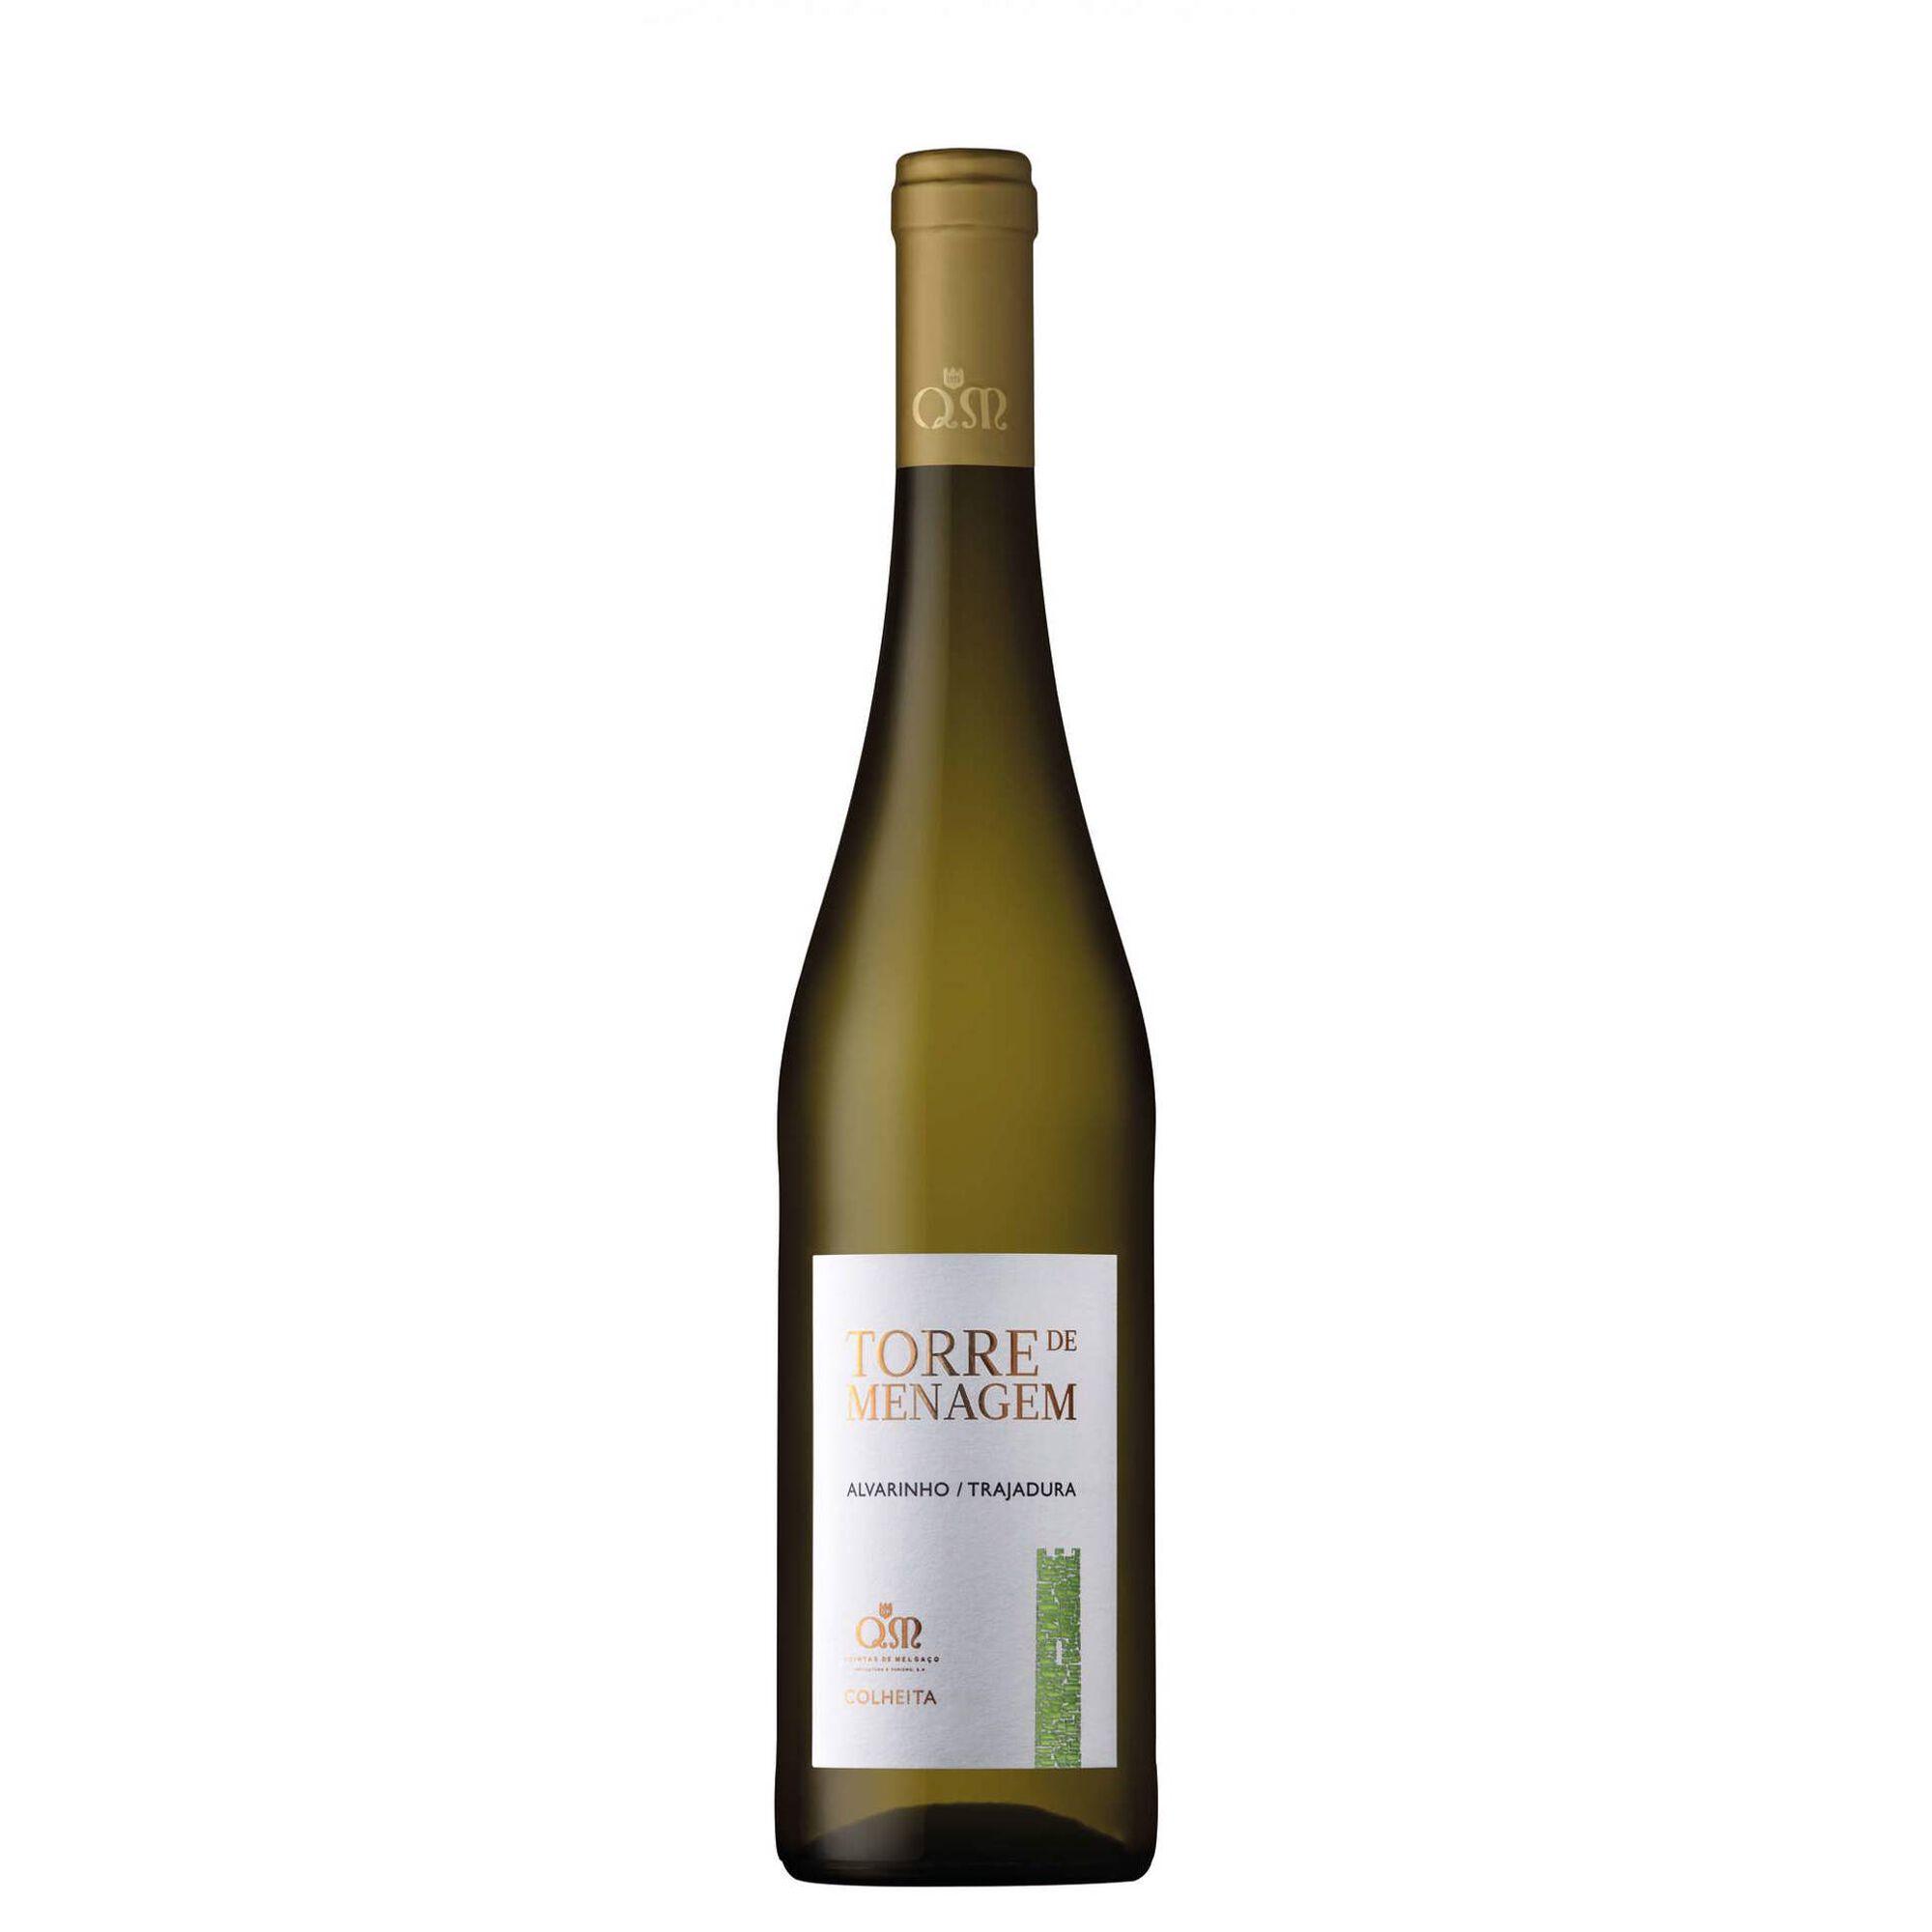 Torre de Menagem Alvarinho Trajadura DOC Vinho Verde Branco